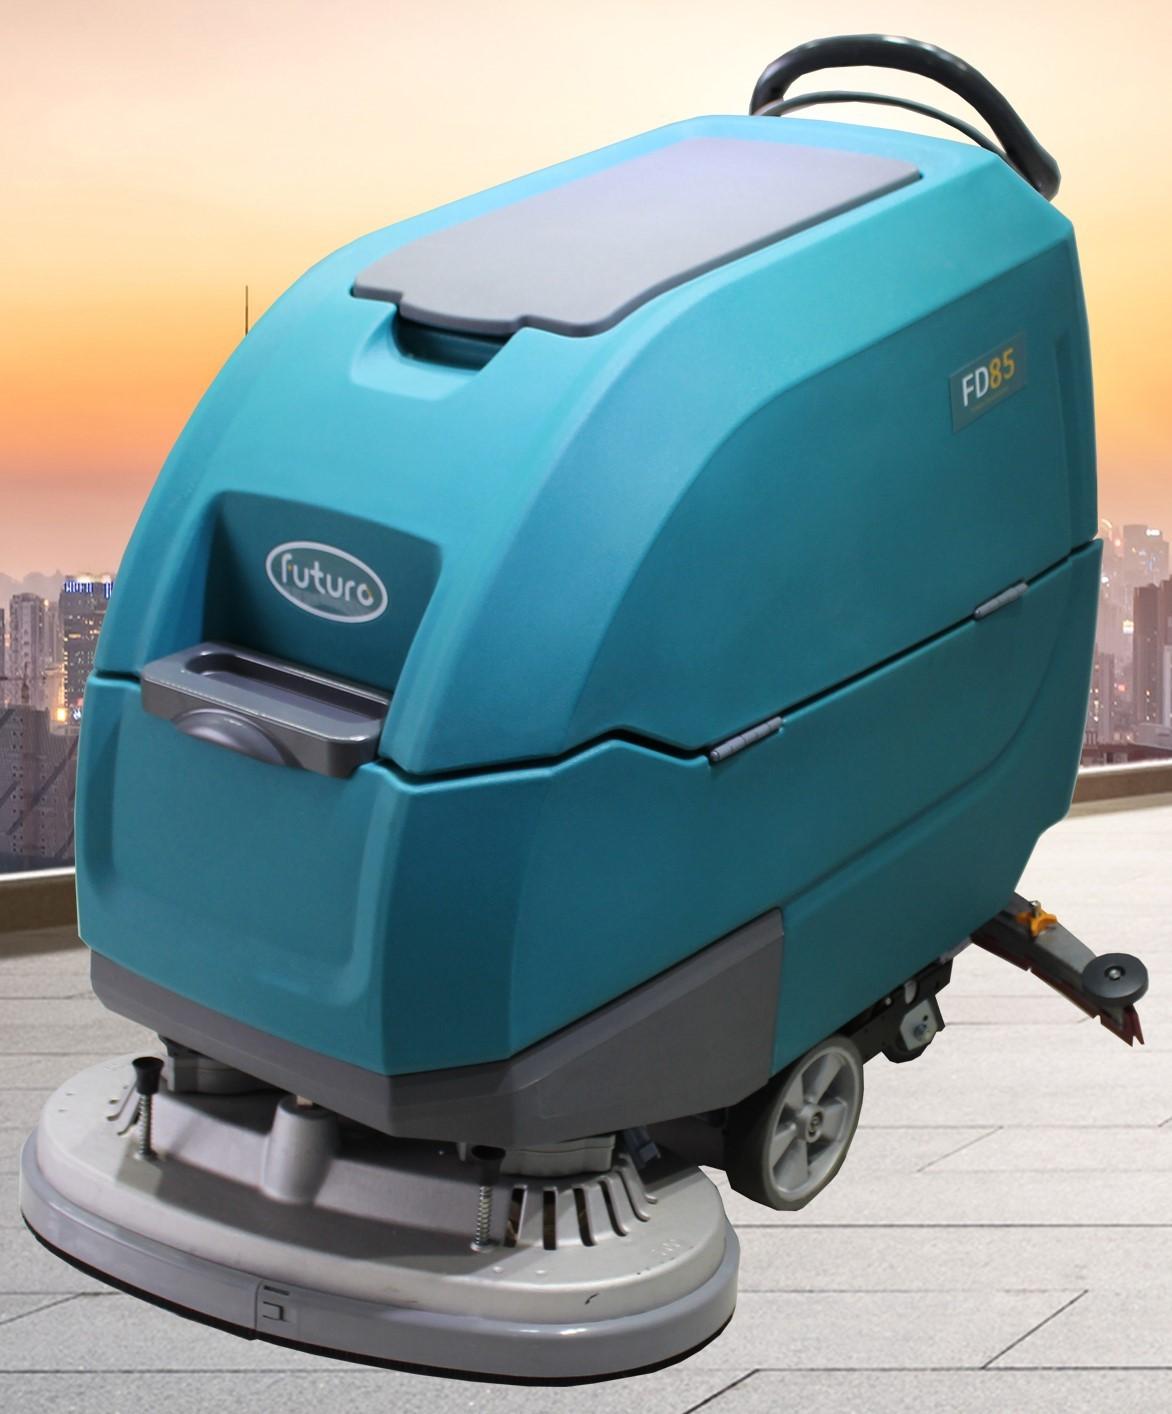 FD85雙刷手推式洗地機